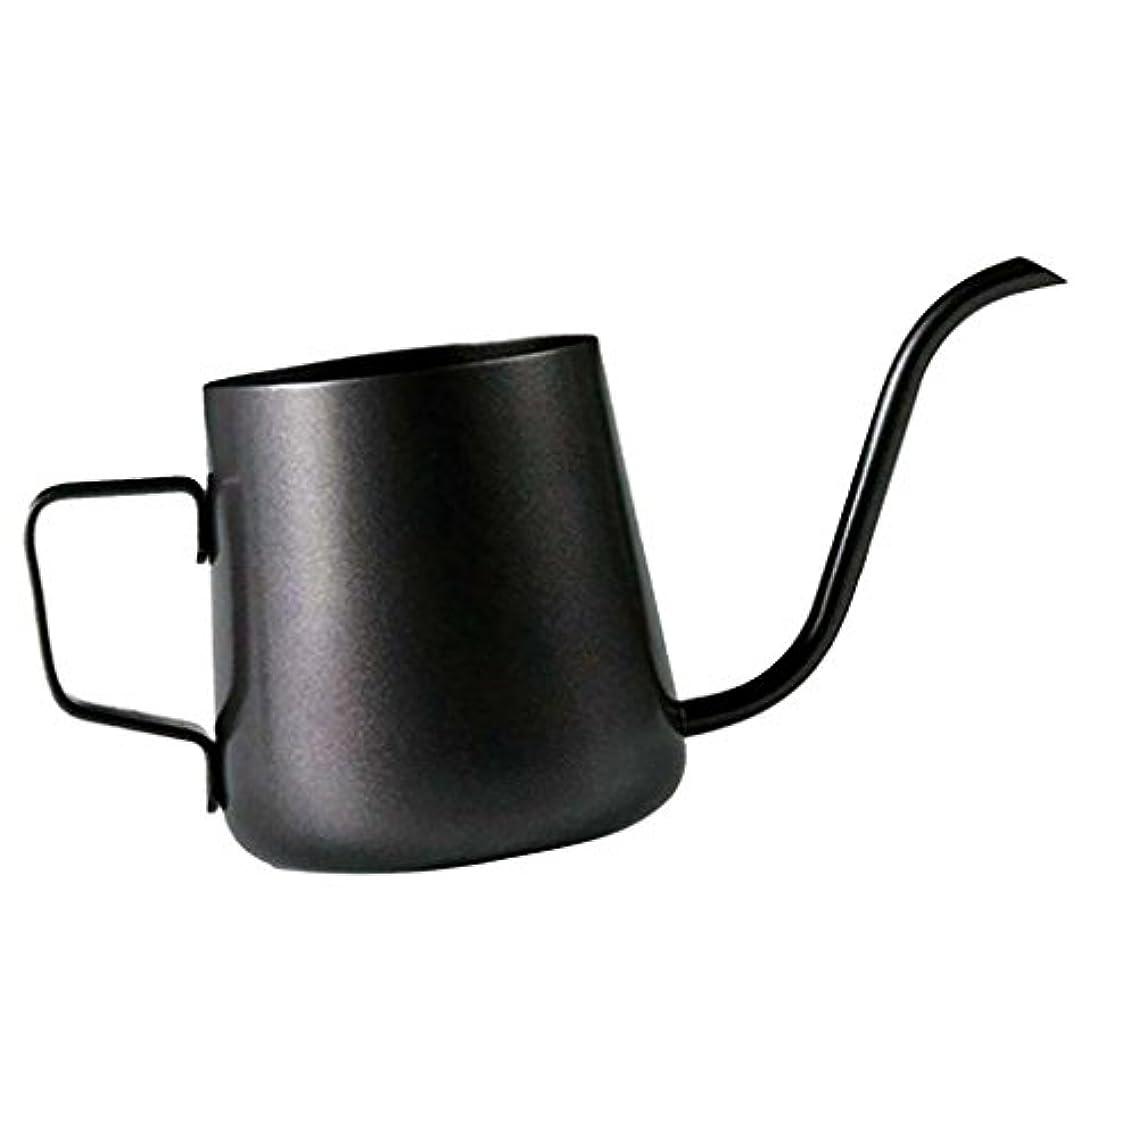 ラテンメンタリティヘッジHomeland コーヒーポット お茶などにも対応 クッキング用品 ステンレス製 エスプレッソポット ケトル - ブラック, 250ミリリットル